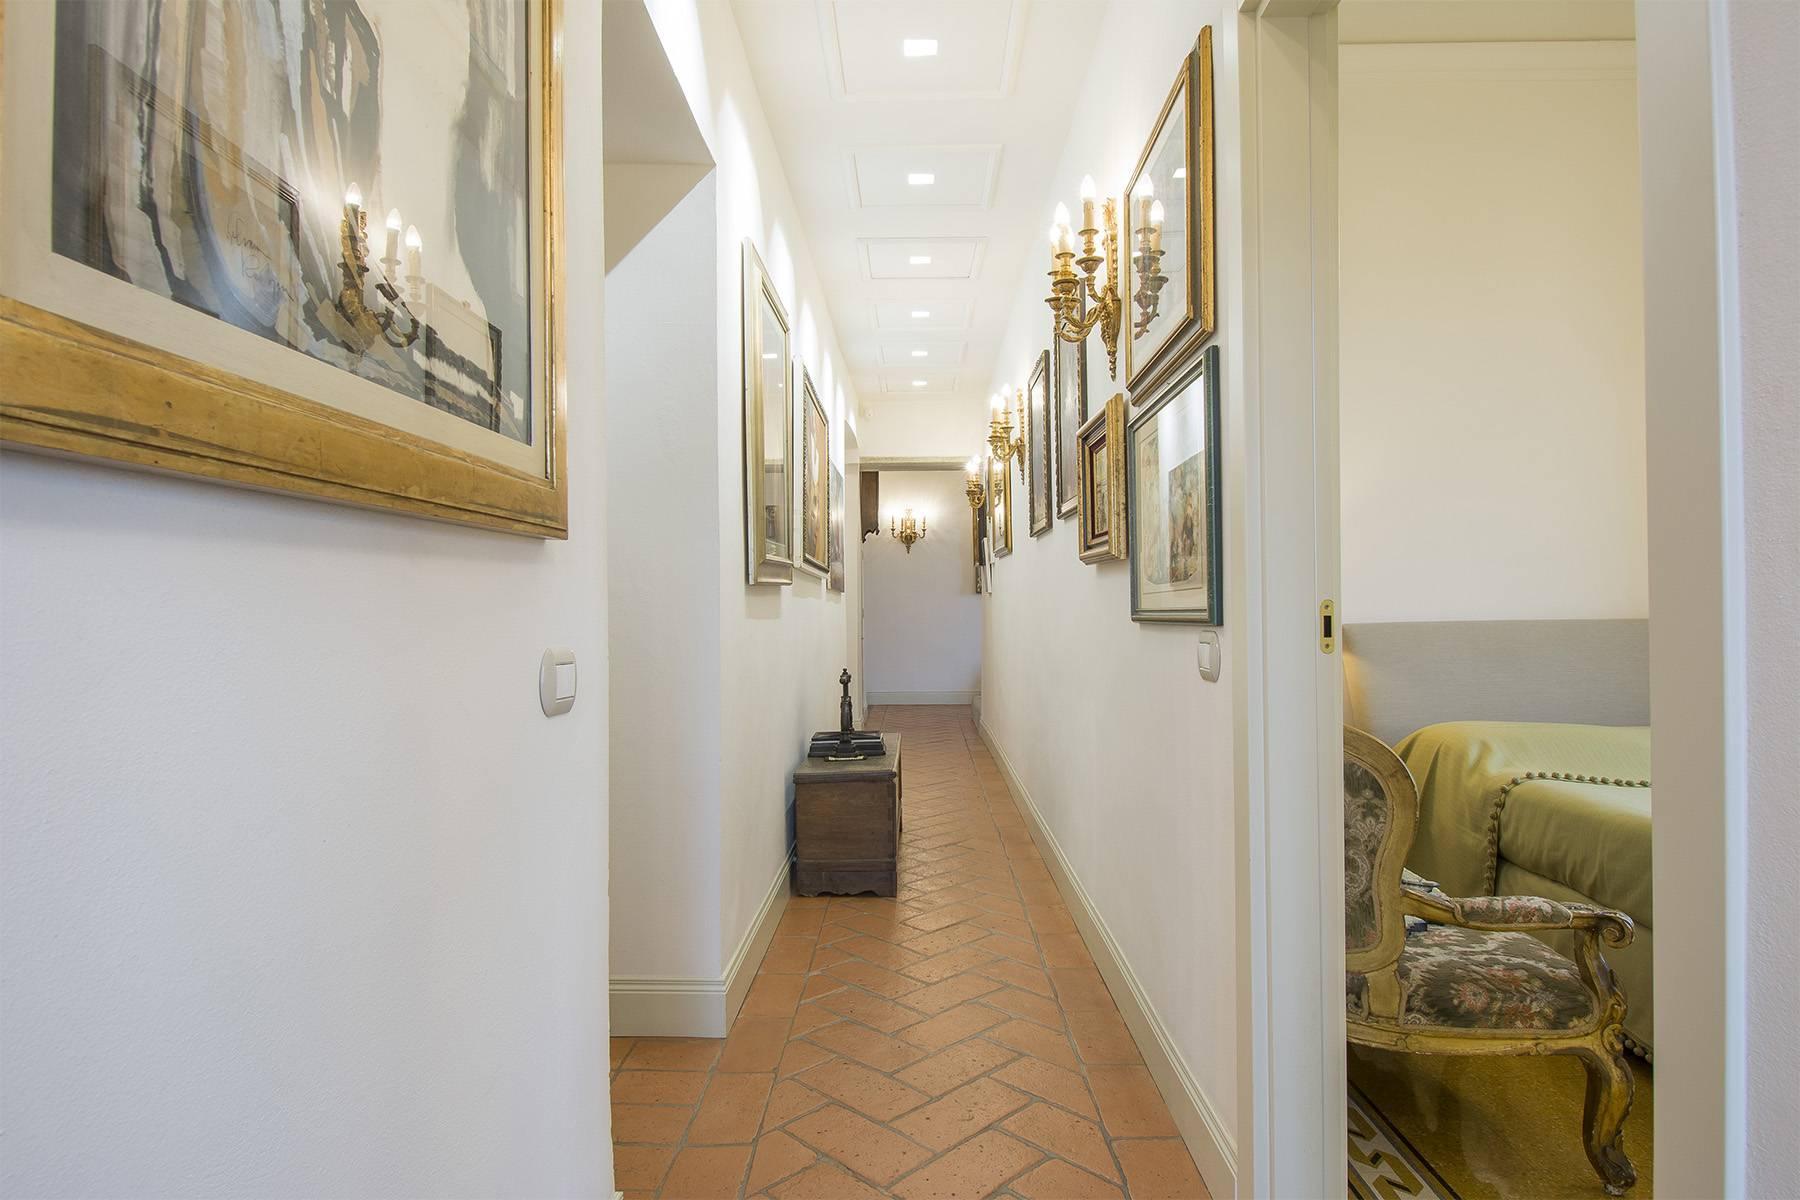 Pregevole appartamento in Villa d'epoca - 16